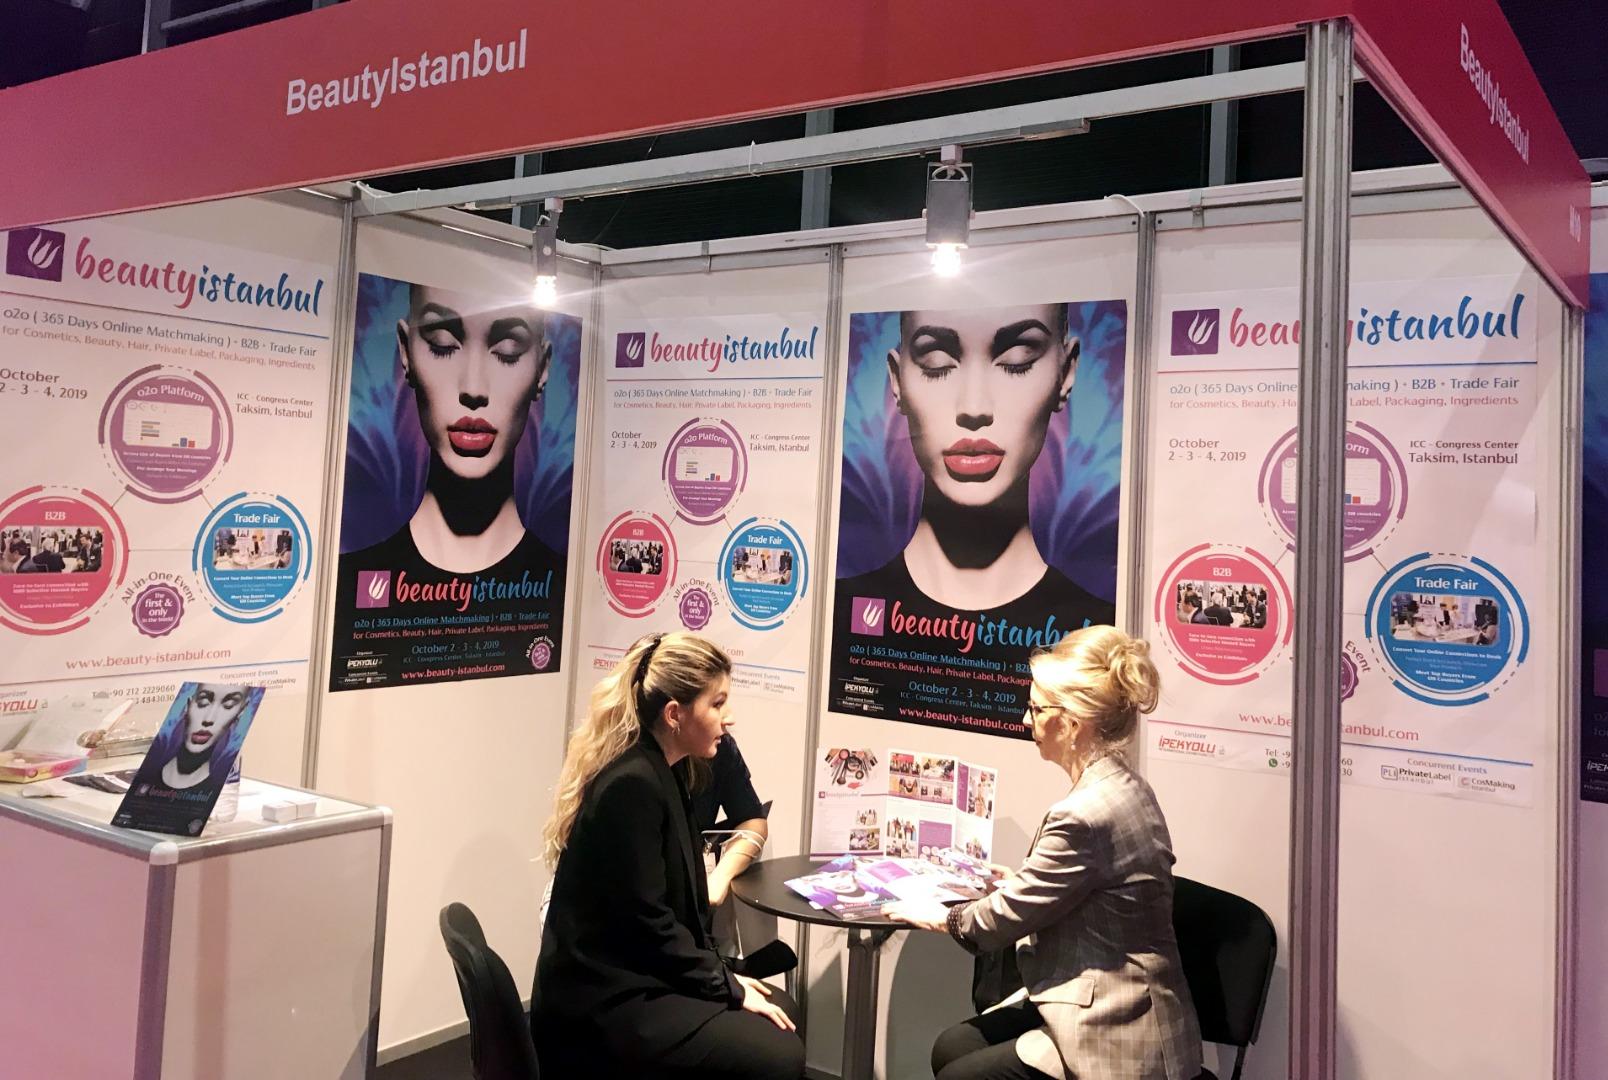 Beauty İstanbul etkinliği 3'ü 1 arada konsept sunacak